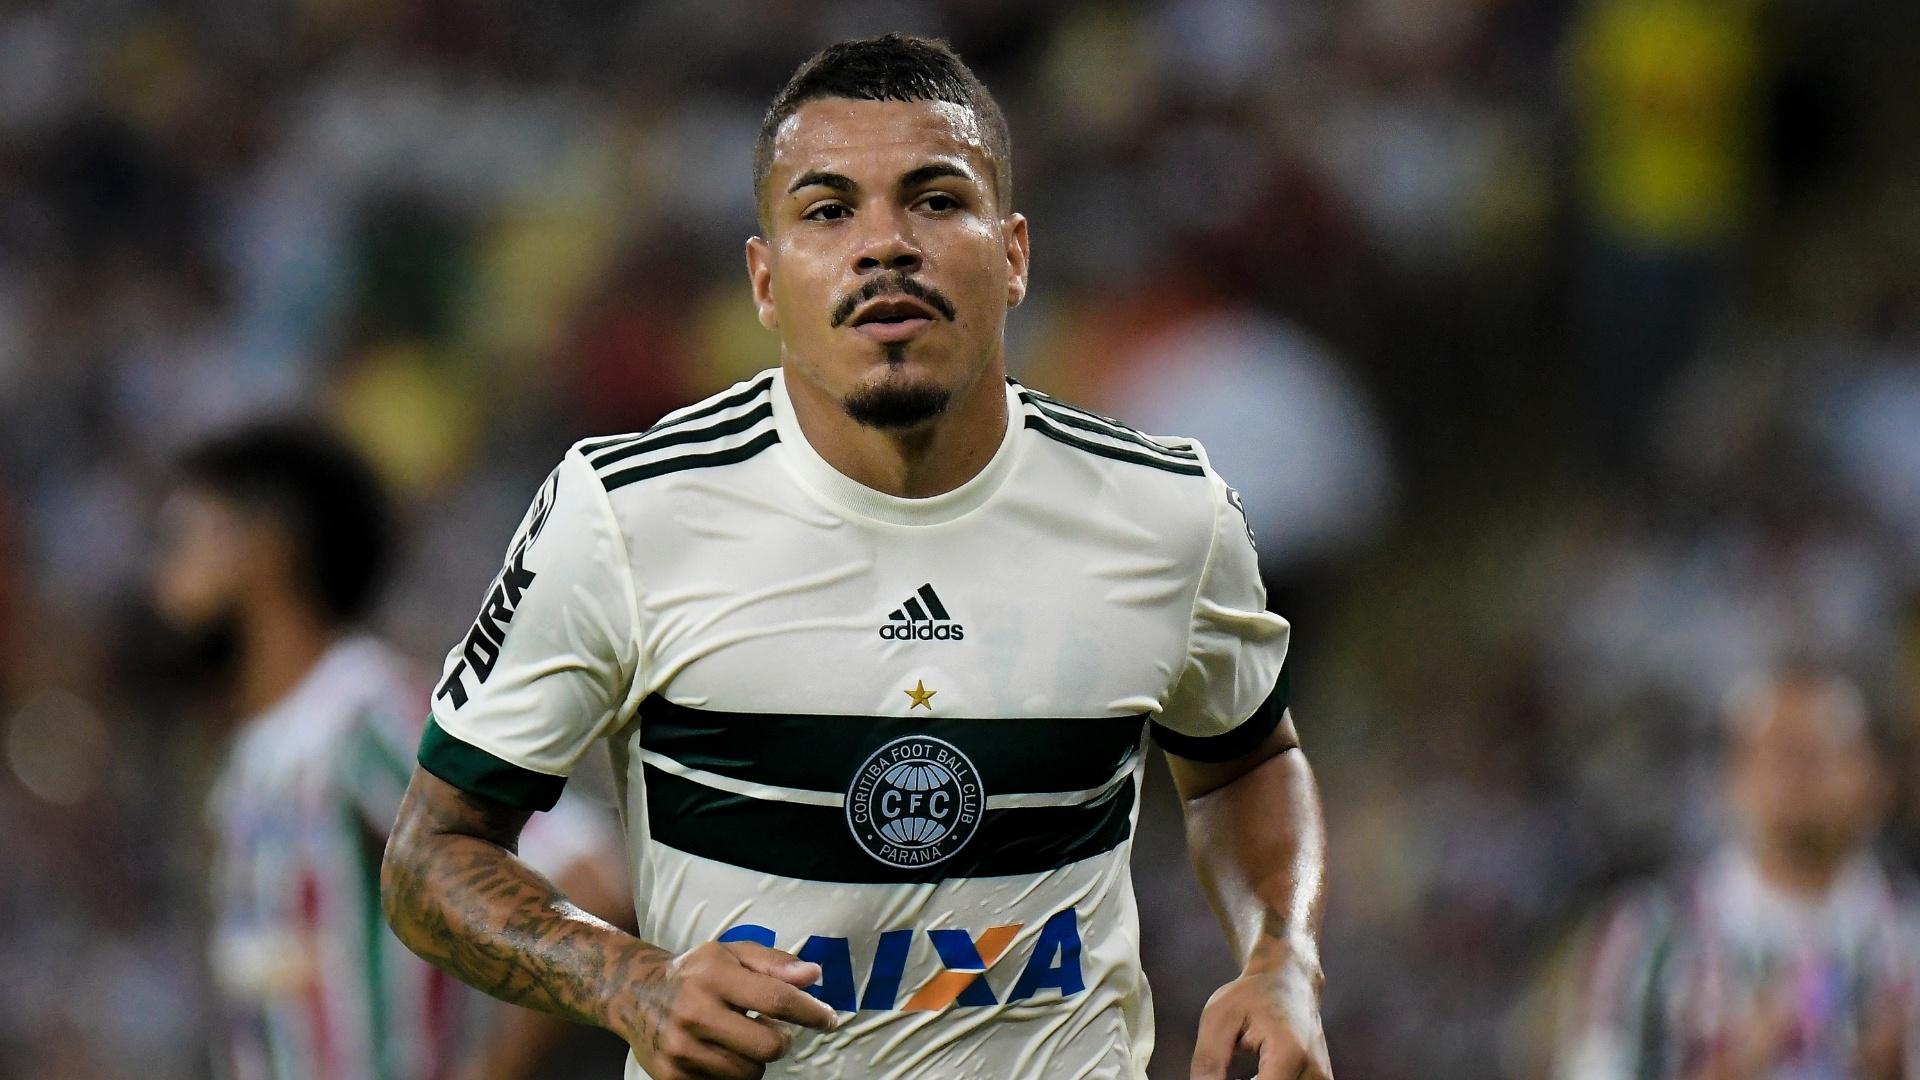 Carleto em ação pelo Coritiba durante jogo contra o Fluminense